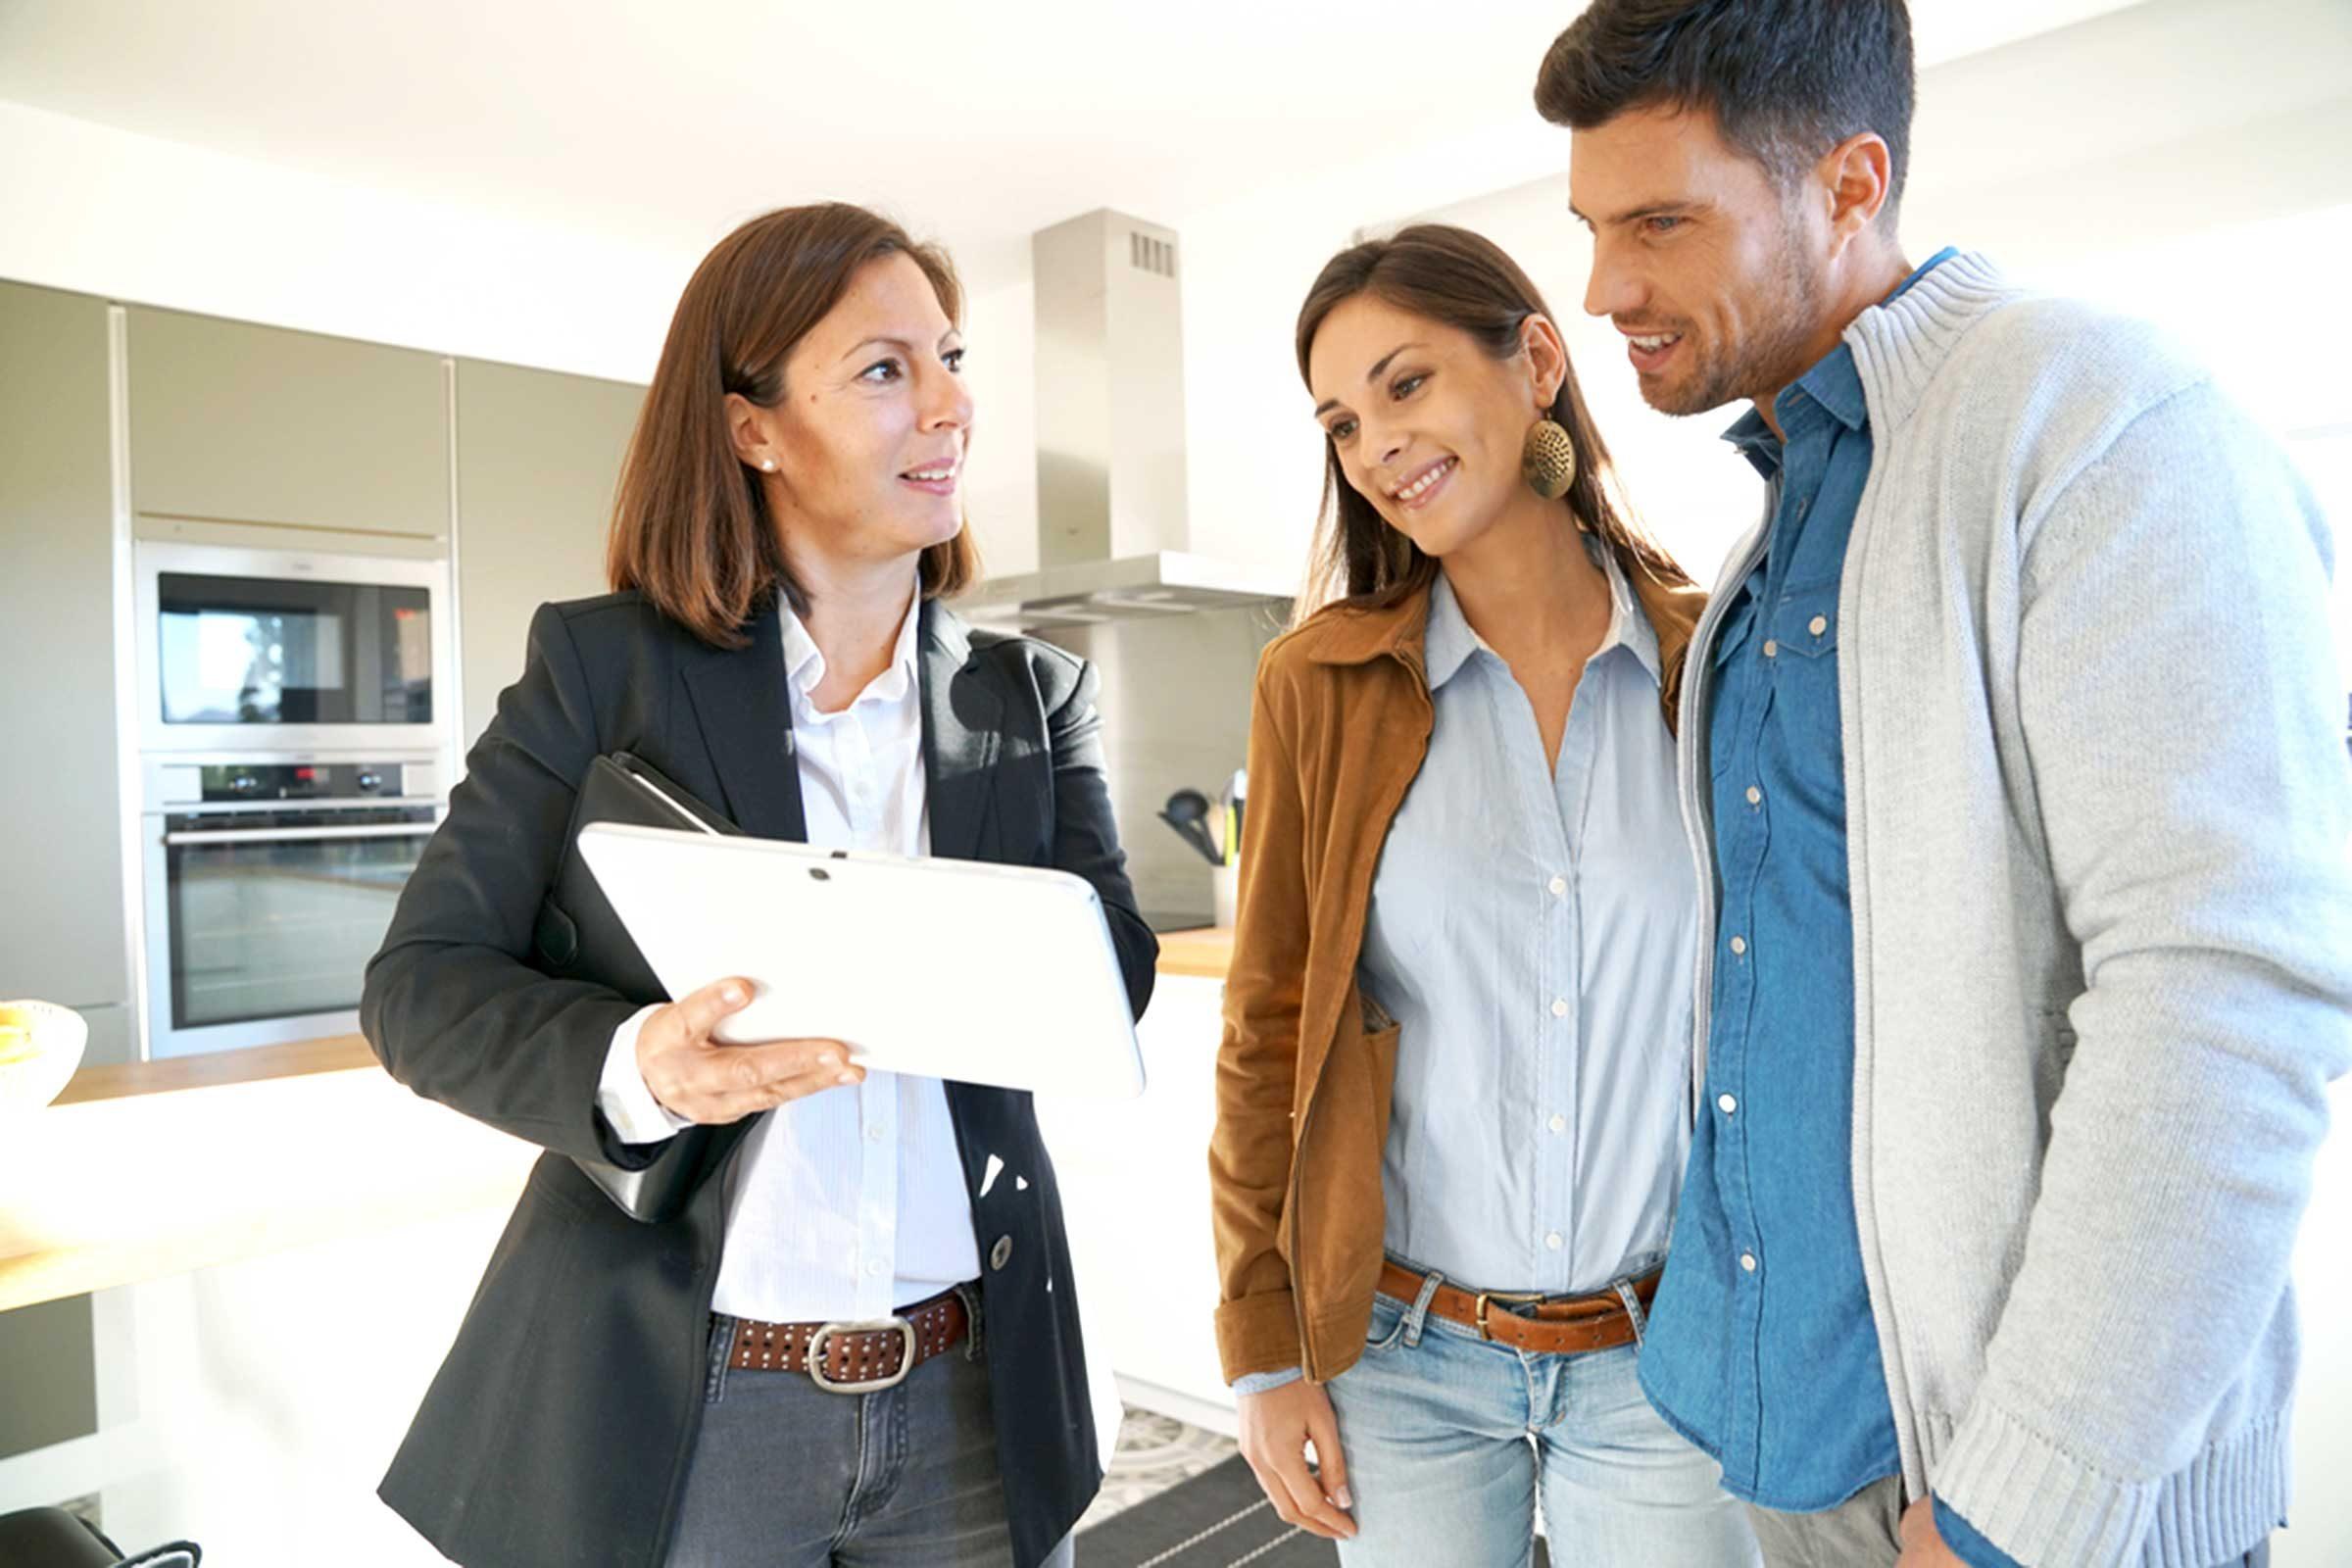 Courtier immobilier: Ne repoussez pas une offre qui vous parait basse.